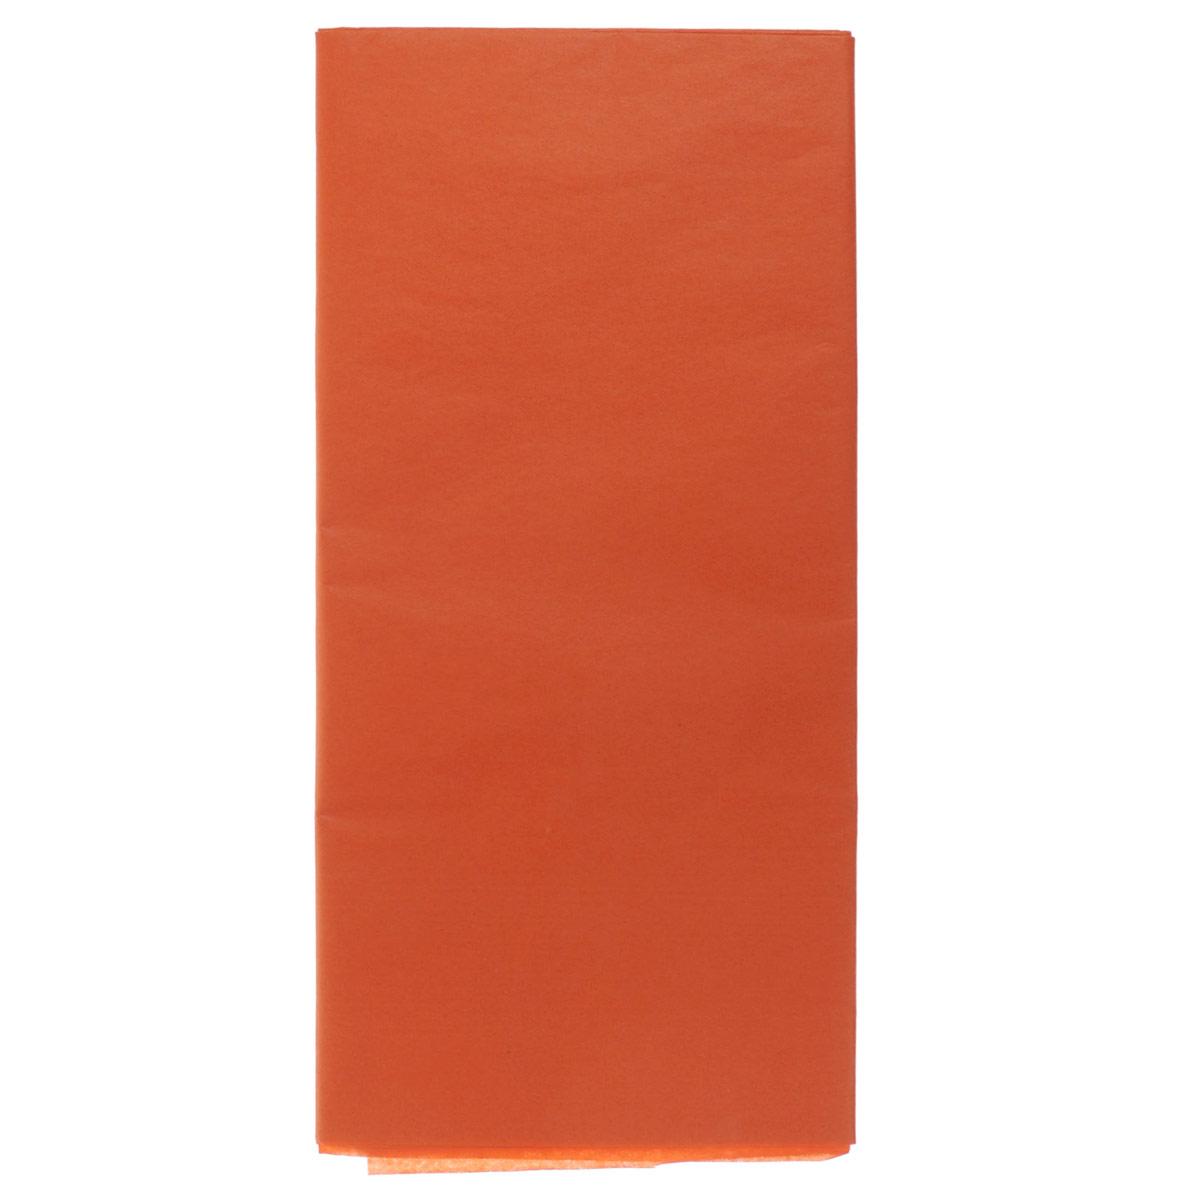 Бумага папиросная Folia, цвет: оранжевый (40), 50 см х 70 см, 5 листов. 7708123_407708123_40Бумага папиросная Folia - это великолепная тонкая и эластичная декоративная бумага. Такая бумага очень хороша для изготовления своими руками цветов и букетов с конфетами, топиариев, декорирования праздничных мероприятий. Также из нее получается шикарная упаковка для подарков. Интересный эффект дает сочетание мягкой полупрозрачной фактуры папиросной бумаги с жатыми и матовыми фактурами: креп-бумагой, тутовой и различными видами картона. Бумага очень тонкая, полупрозрачная - поэтому ее можно оригинально использовать в декоре стекла, светильников и гирлянд. Достаточно большие размеры листа и богатая цветовая палитра дают простор вашей творческой фантазии. Размер листа: 50 см х 70 см.Плотность: 20 г/м2.